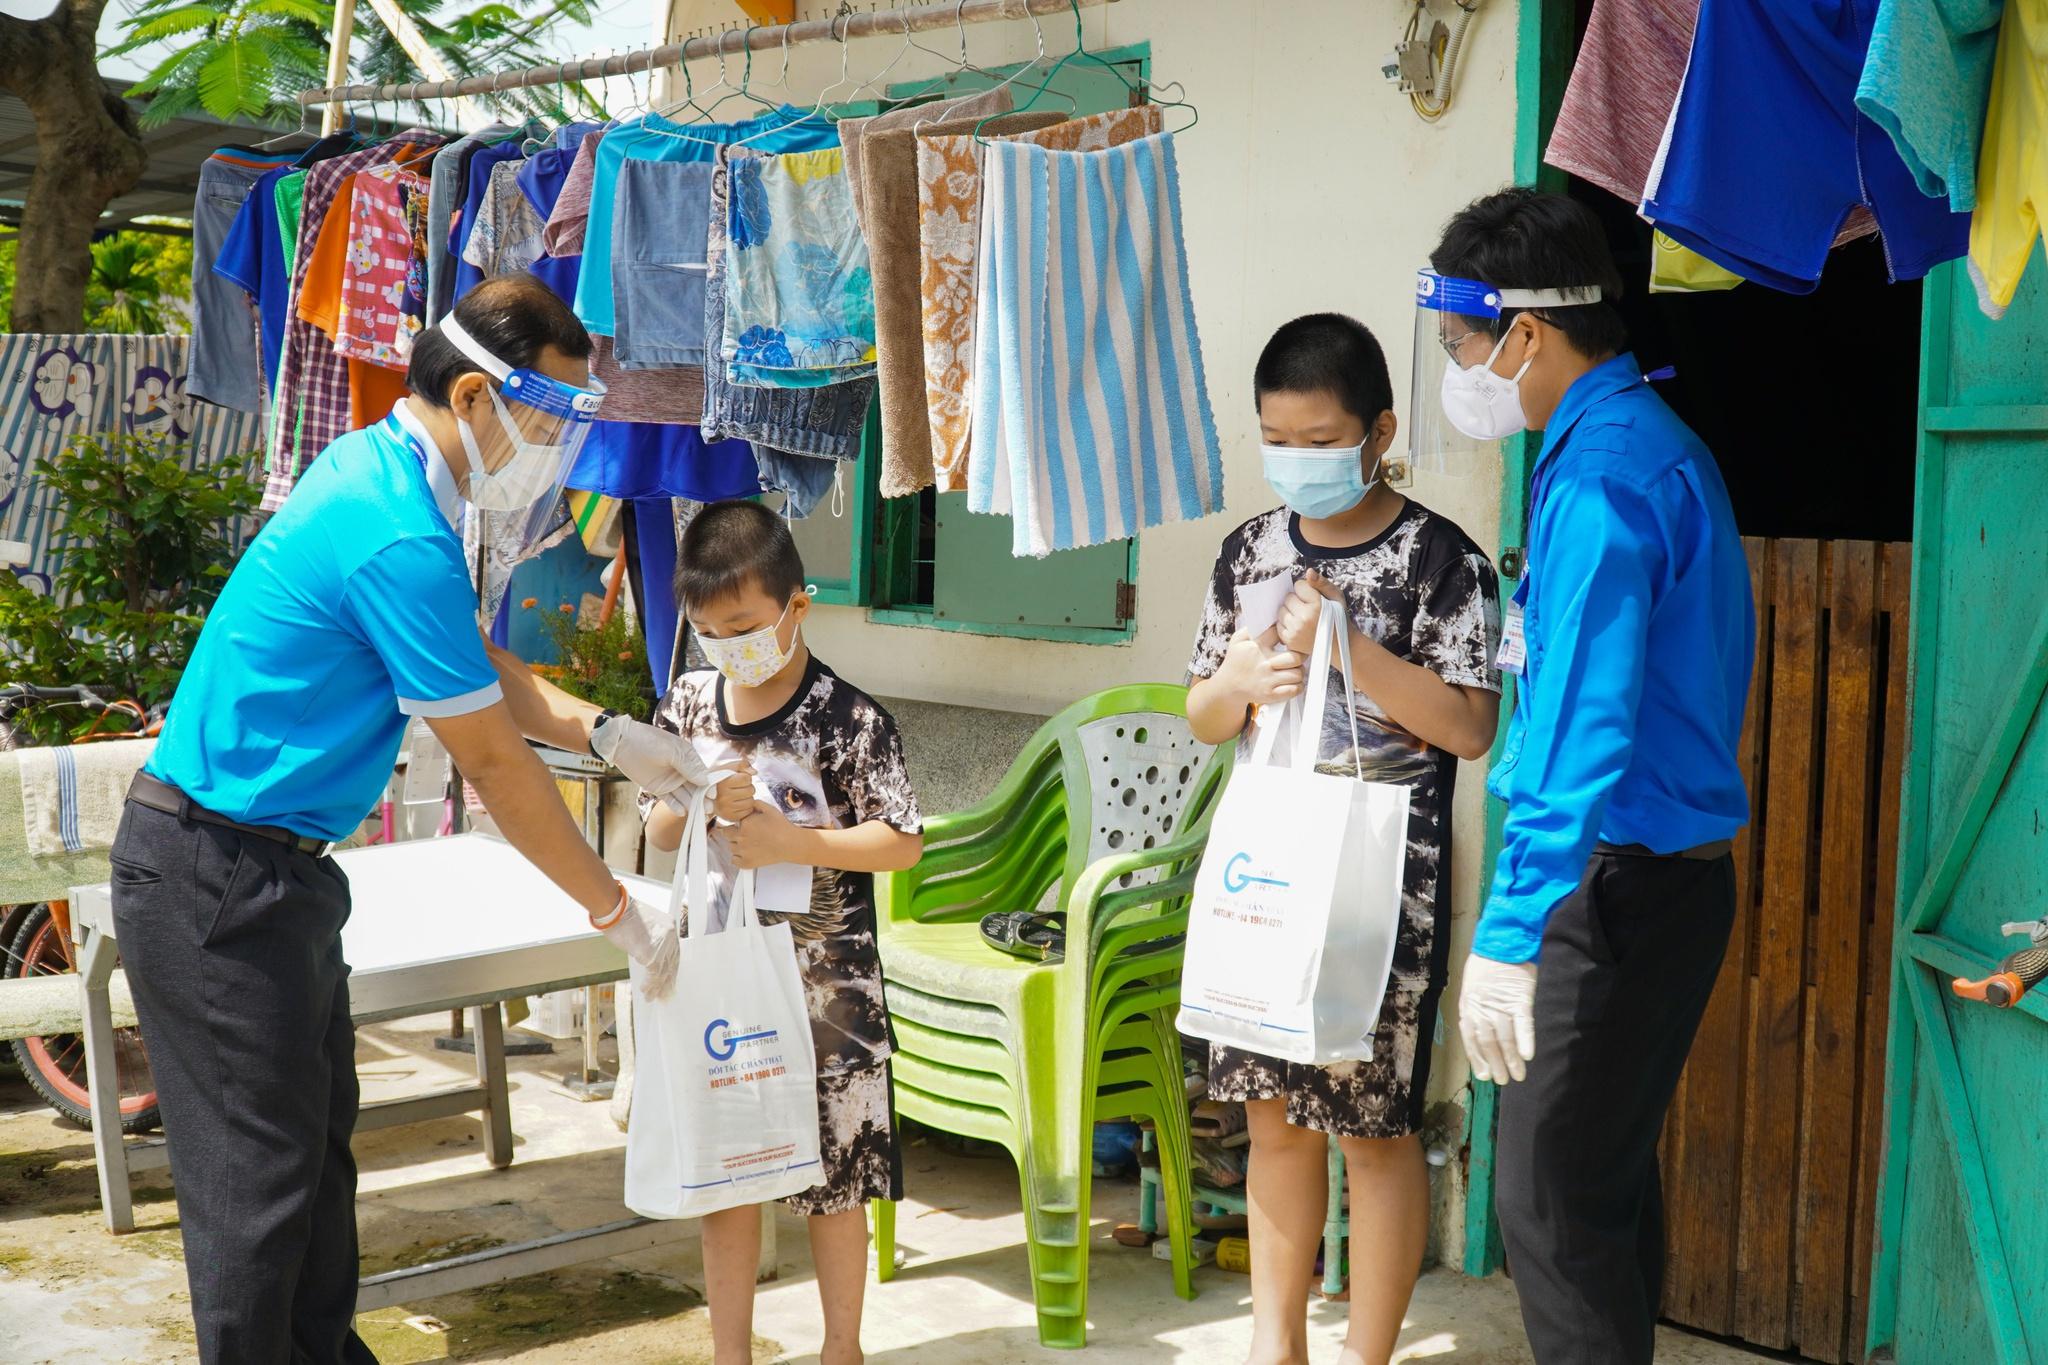 Công nhân treo bảng cầu cứu sữa cho con, nghẹn ngào khi nhận được hỗ trợ - ảnh 4